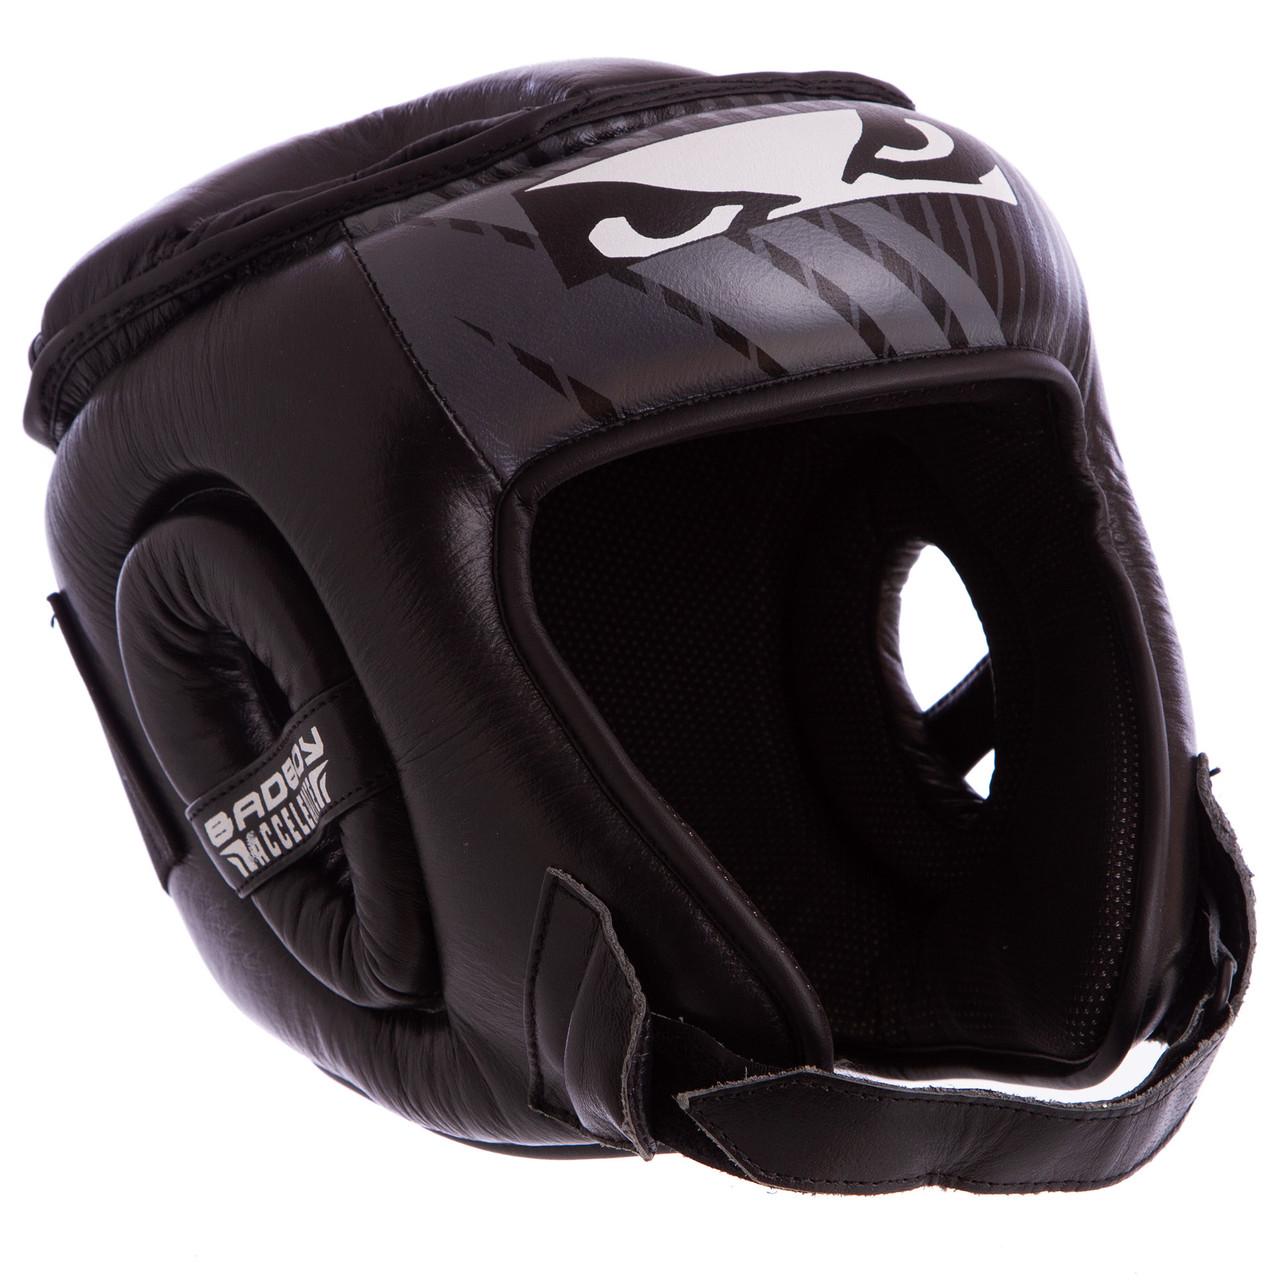 Шлем боксерский открытый с усиленной защитой макушки кожаный черный BAD BOY BD09